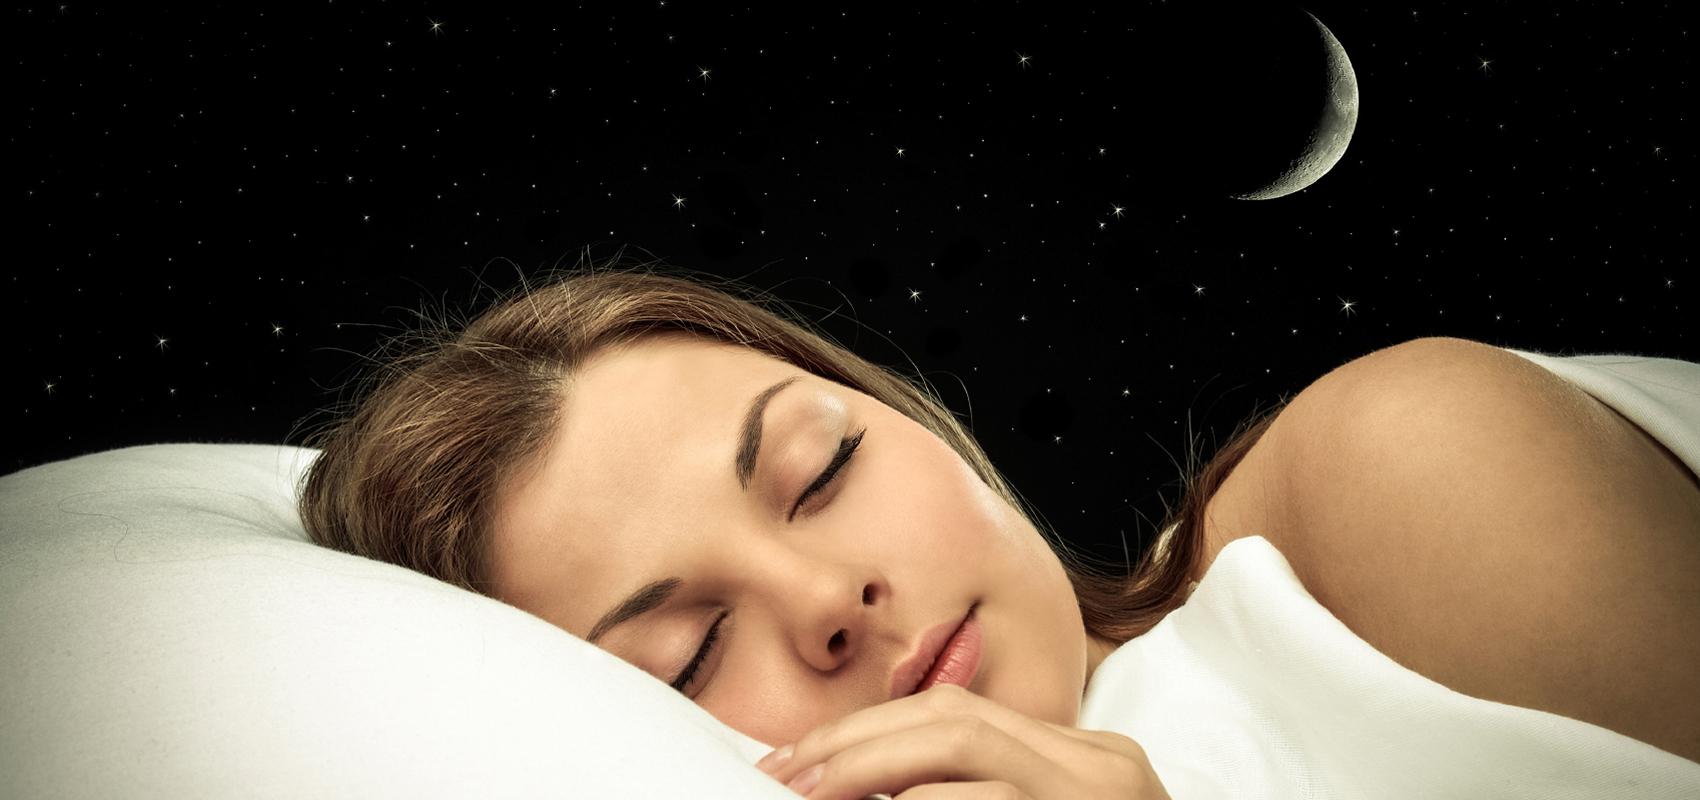 Зулия раджабова официальный сайт..» что означает видеть себя во сне!».